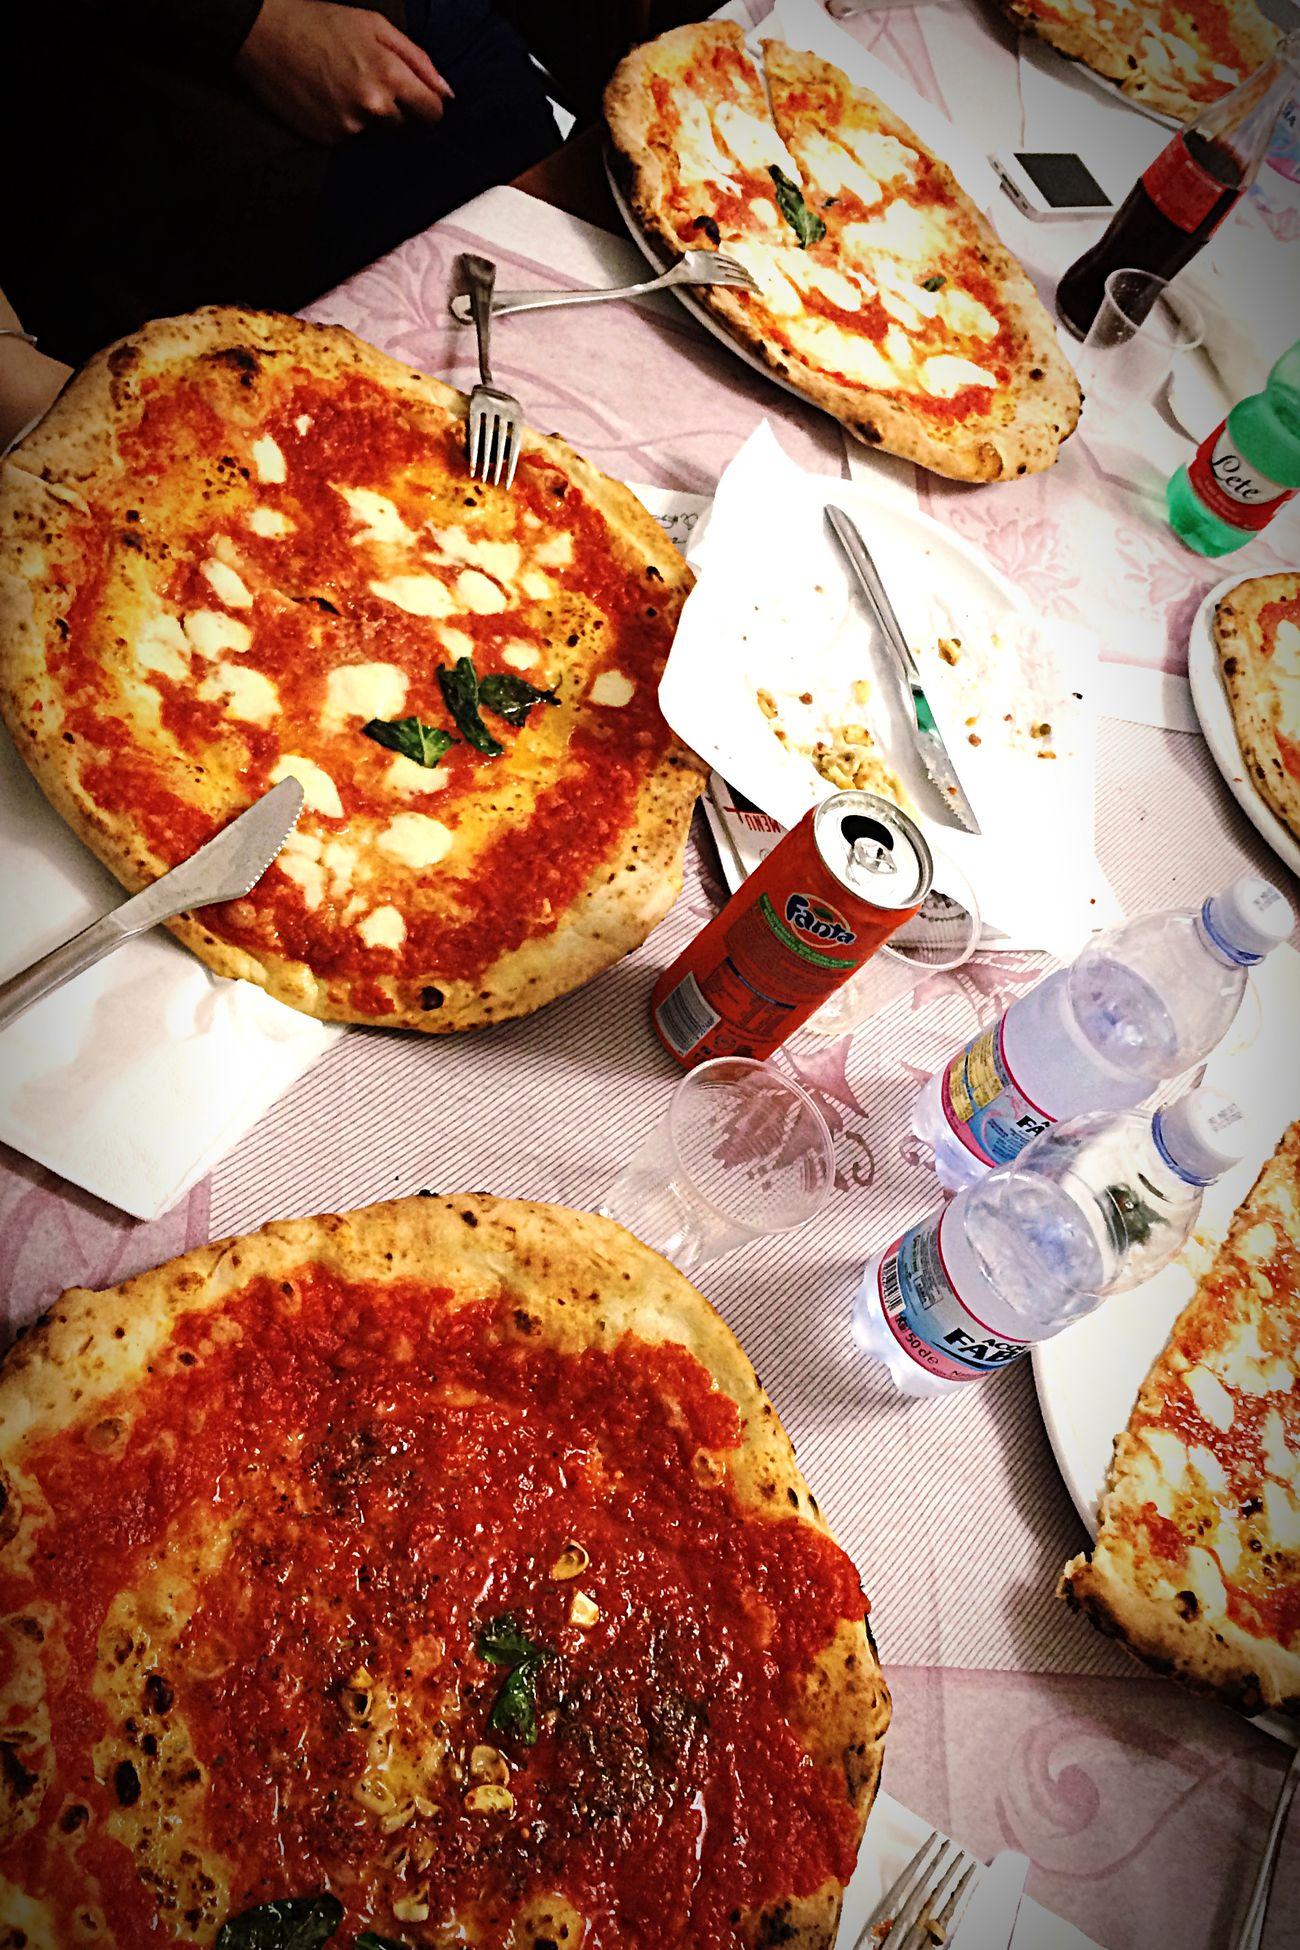 Pizza Time Pizzeriadimatteo RePicture Travel #napoli